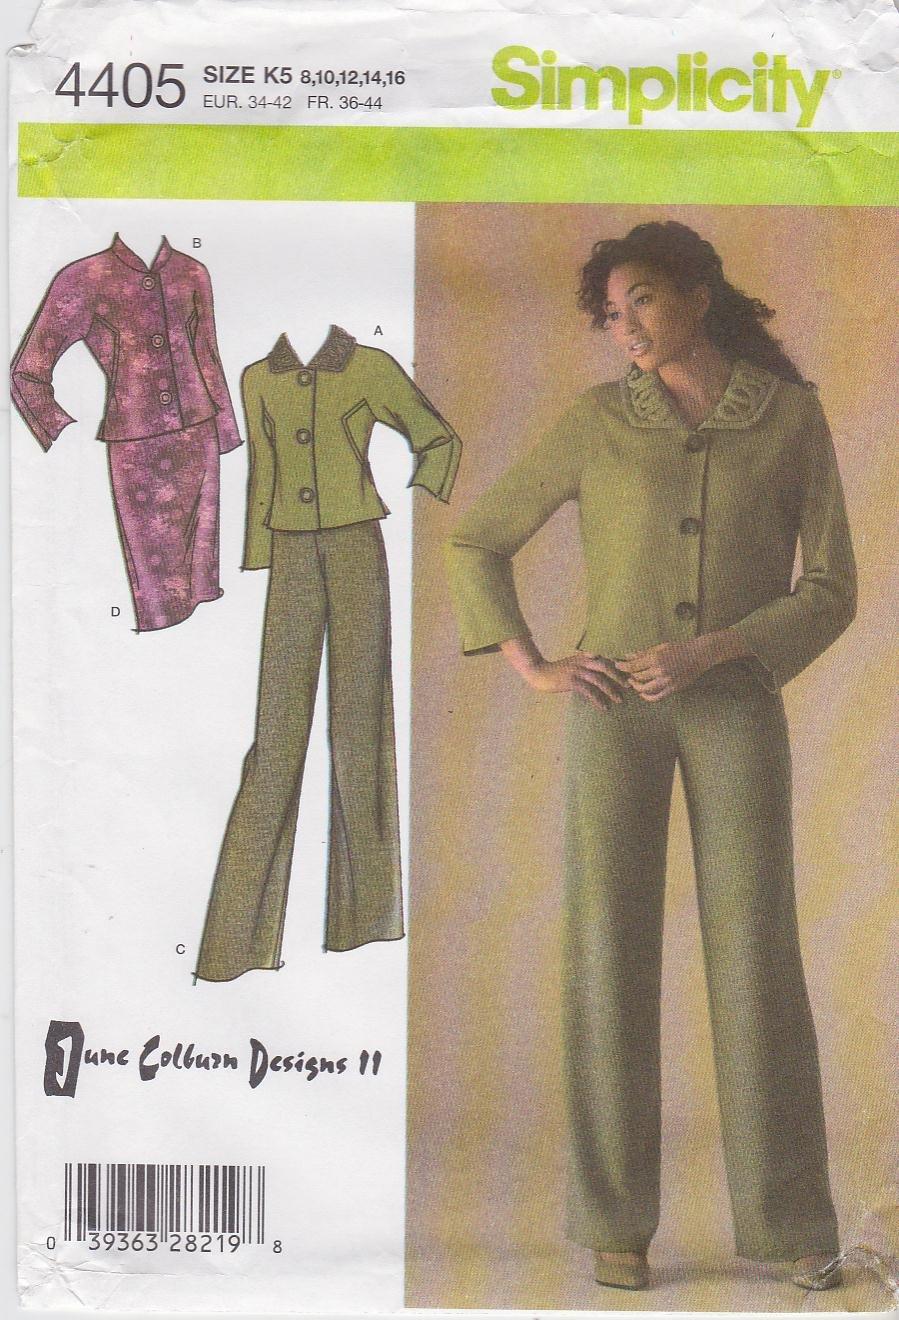 Simplicity Sewing Pattern 4405 Misses Size 12-20 Lined Jacket Skirt Pants Suit Pantsuit June Colburn